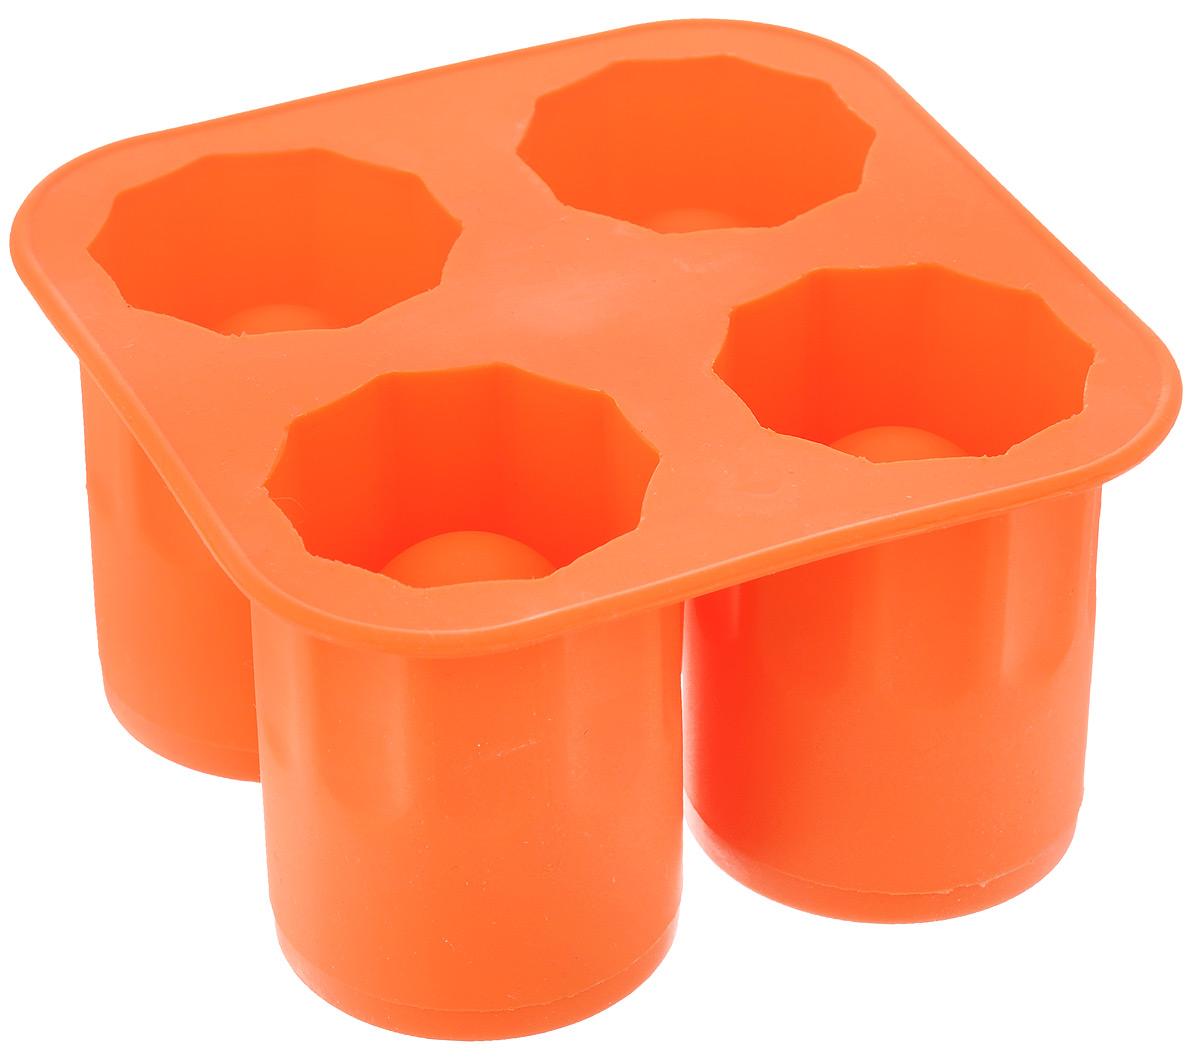 Форма для ледяных стопок Elan Gallery, 4 ячейки, цвет: оранжевый, 13 х 13 х 7 см590193Форма для ледяных стопок Elan Gallery изготовлена из высококачественного пищевого силикона, который выдерживает температуру от -40 до +240°С и не впитывает жир и запахи. Форма имеет 4 ячейки для приготовления стопок изо льда. Просто наполните форму водой или соком и поставьте в морозильную камеру до полного замерзания. Готовые изделия легко доставать, благодаря гибкости силикона. Стопки можно использовать для украшения, а если в них налить напиток, он моментально охладится. Ледяные стопки станут оригинальным украшением любого праздничного стола. Диаметр готовой стопки: 5 см. Высота готовой стопки: 7 см. Размер формы: 13 х 13 х 7 см.